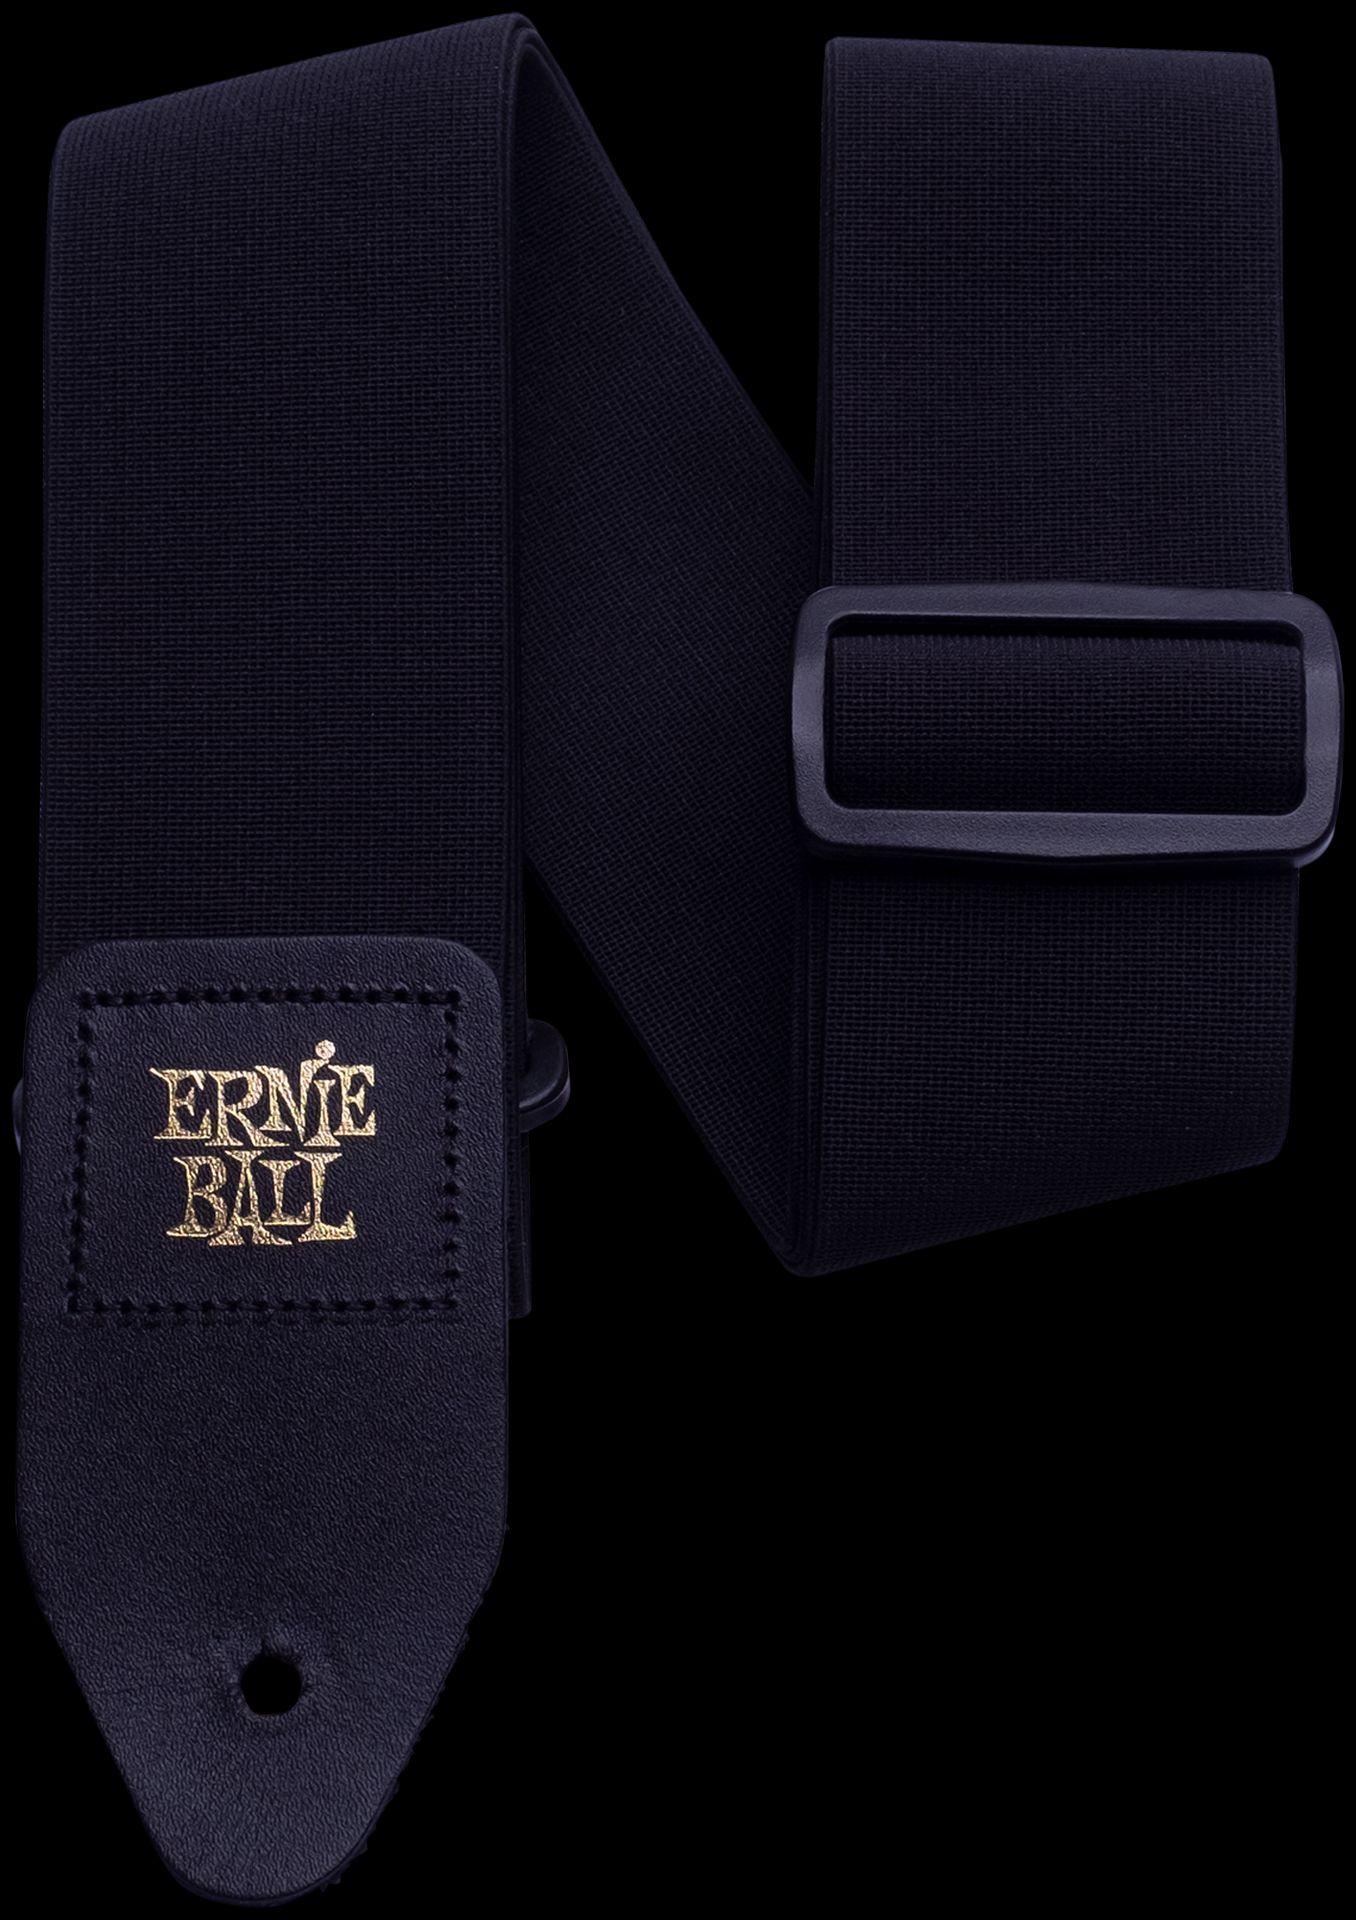 Ernie Ball EB4143 Stretch Comfort Gurt für Gitarre Black